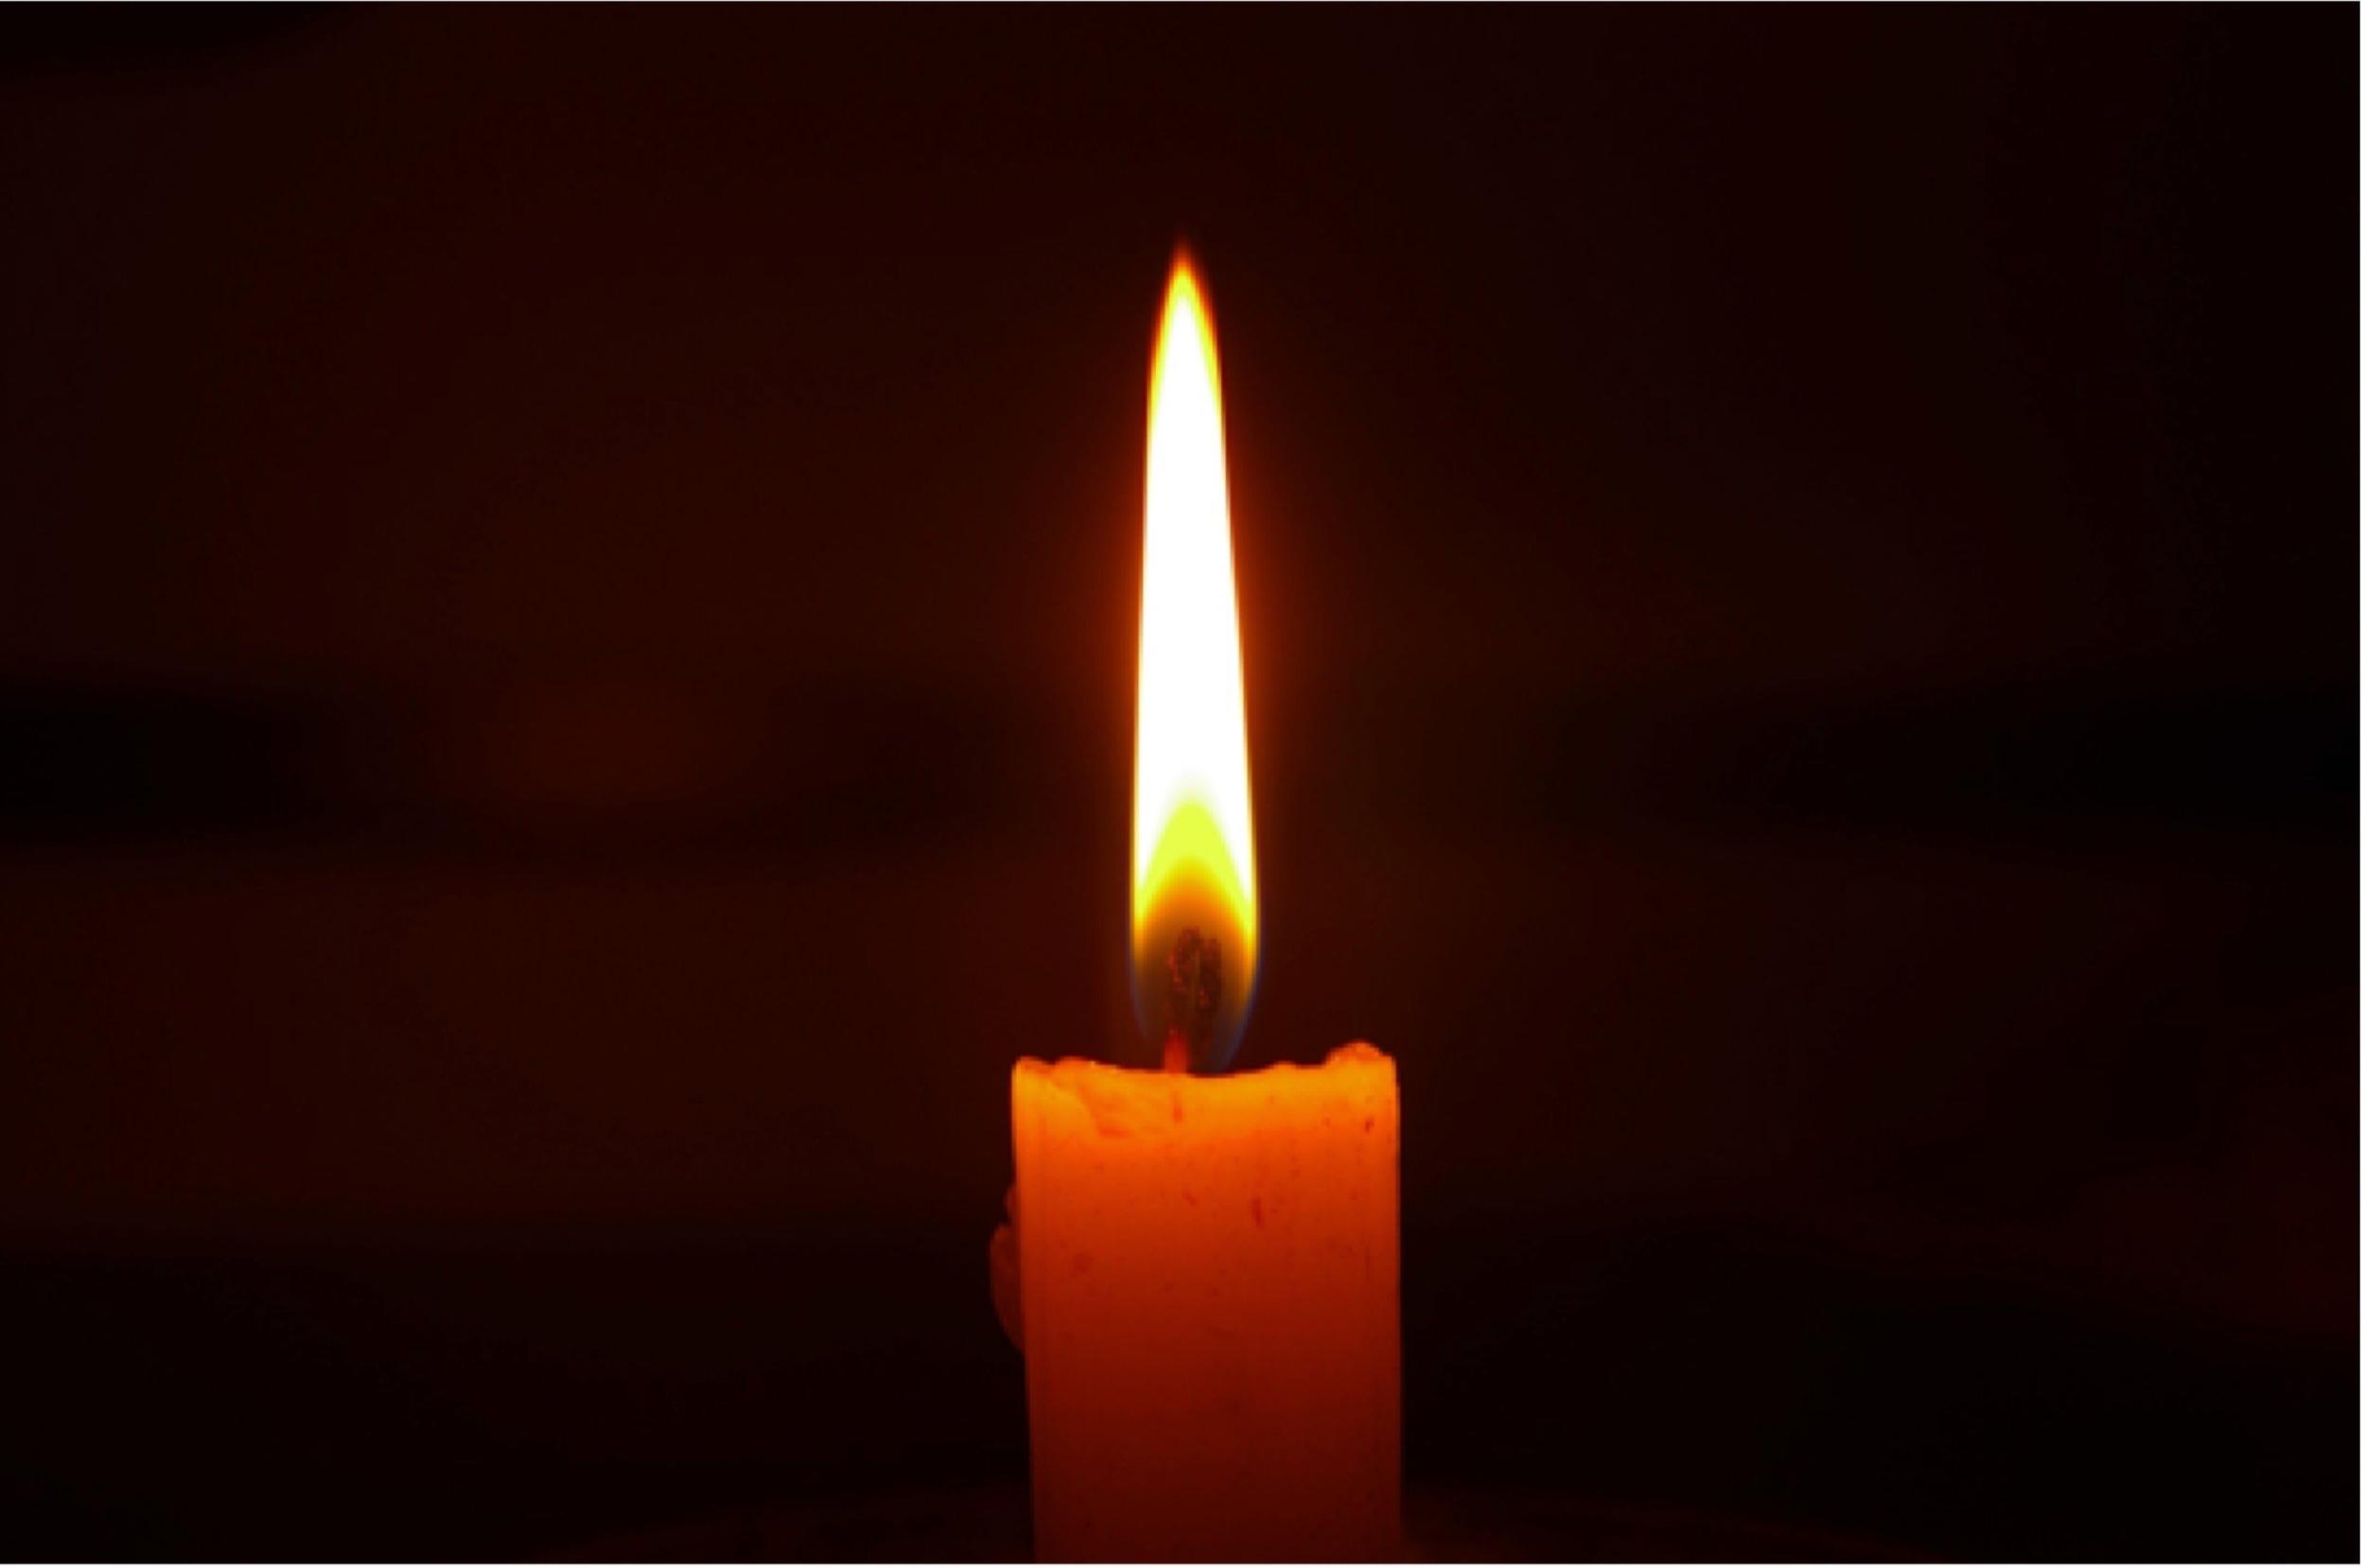 Light+In+The+Darkness.jpg